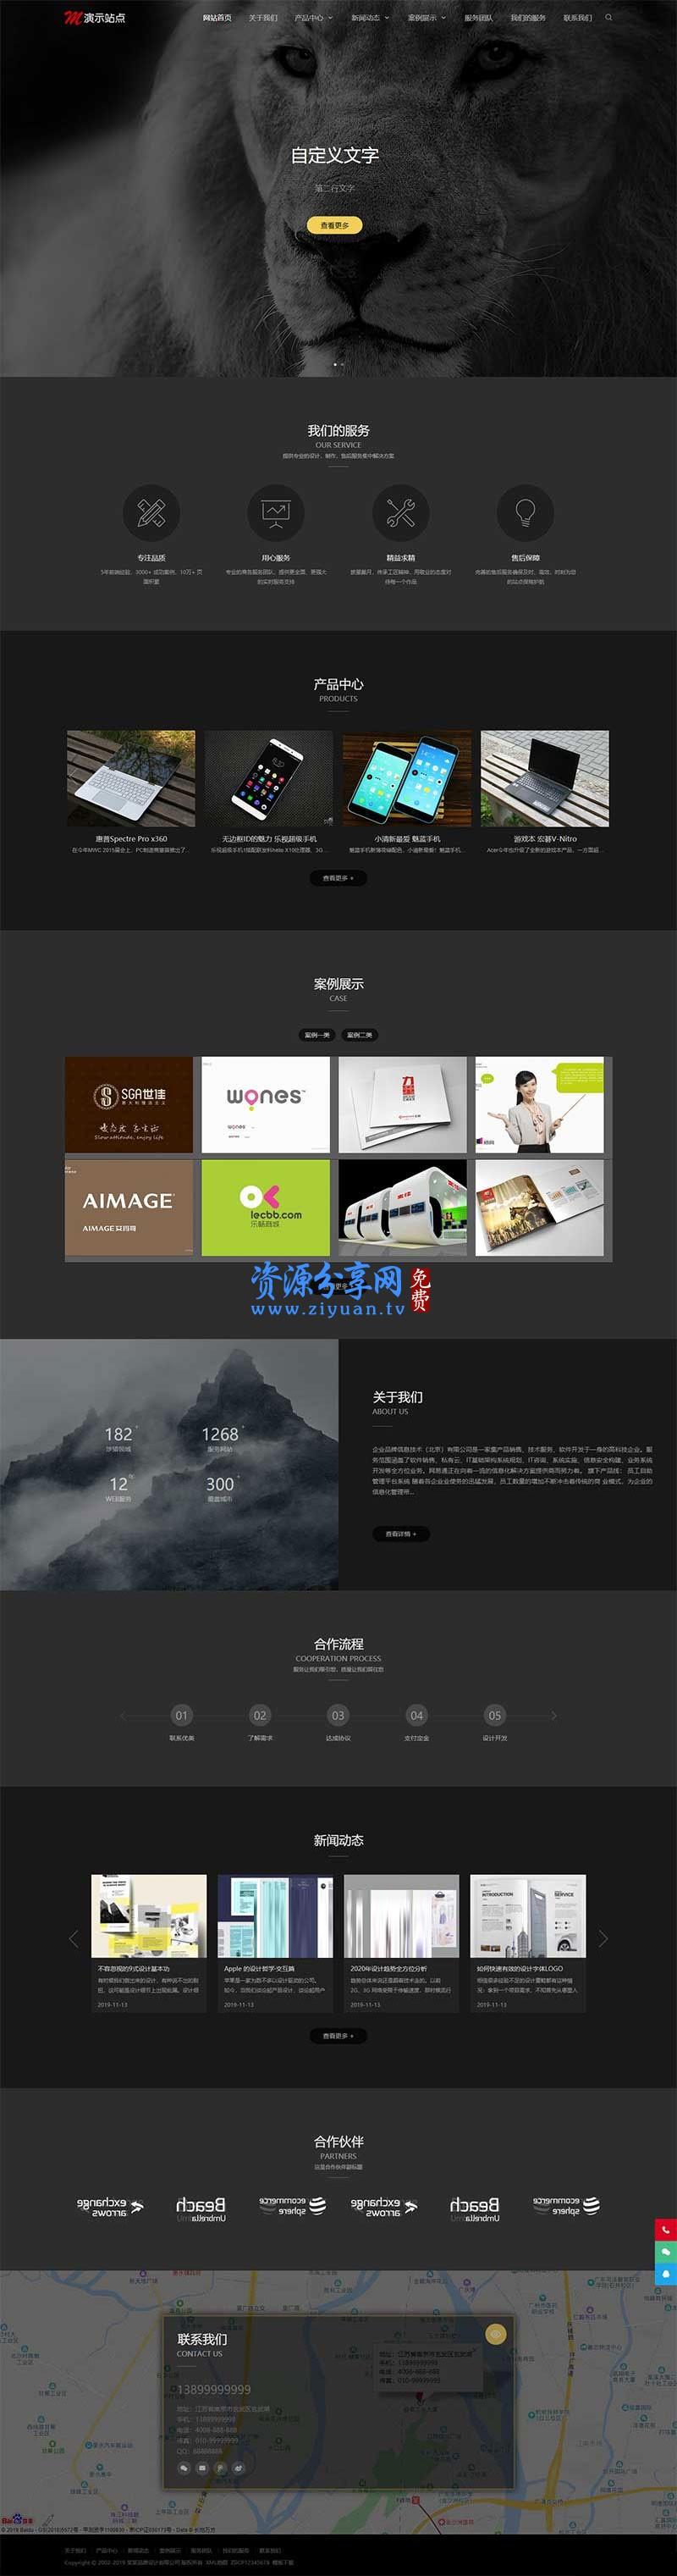 织梦 dedecms 响应式品牌设计建站企业网站模板